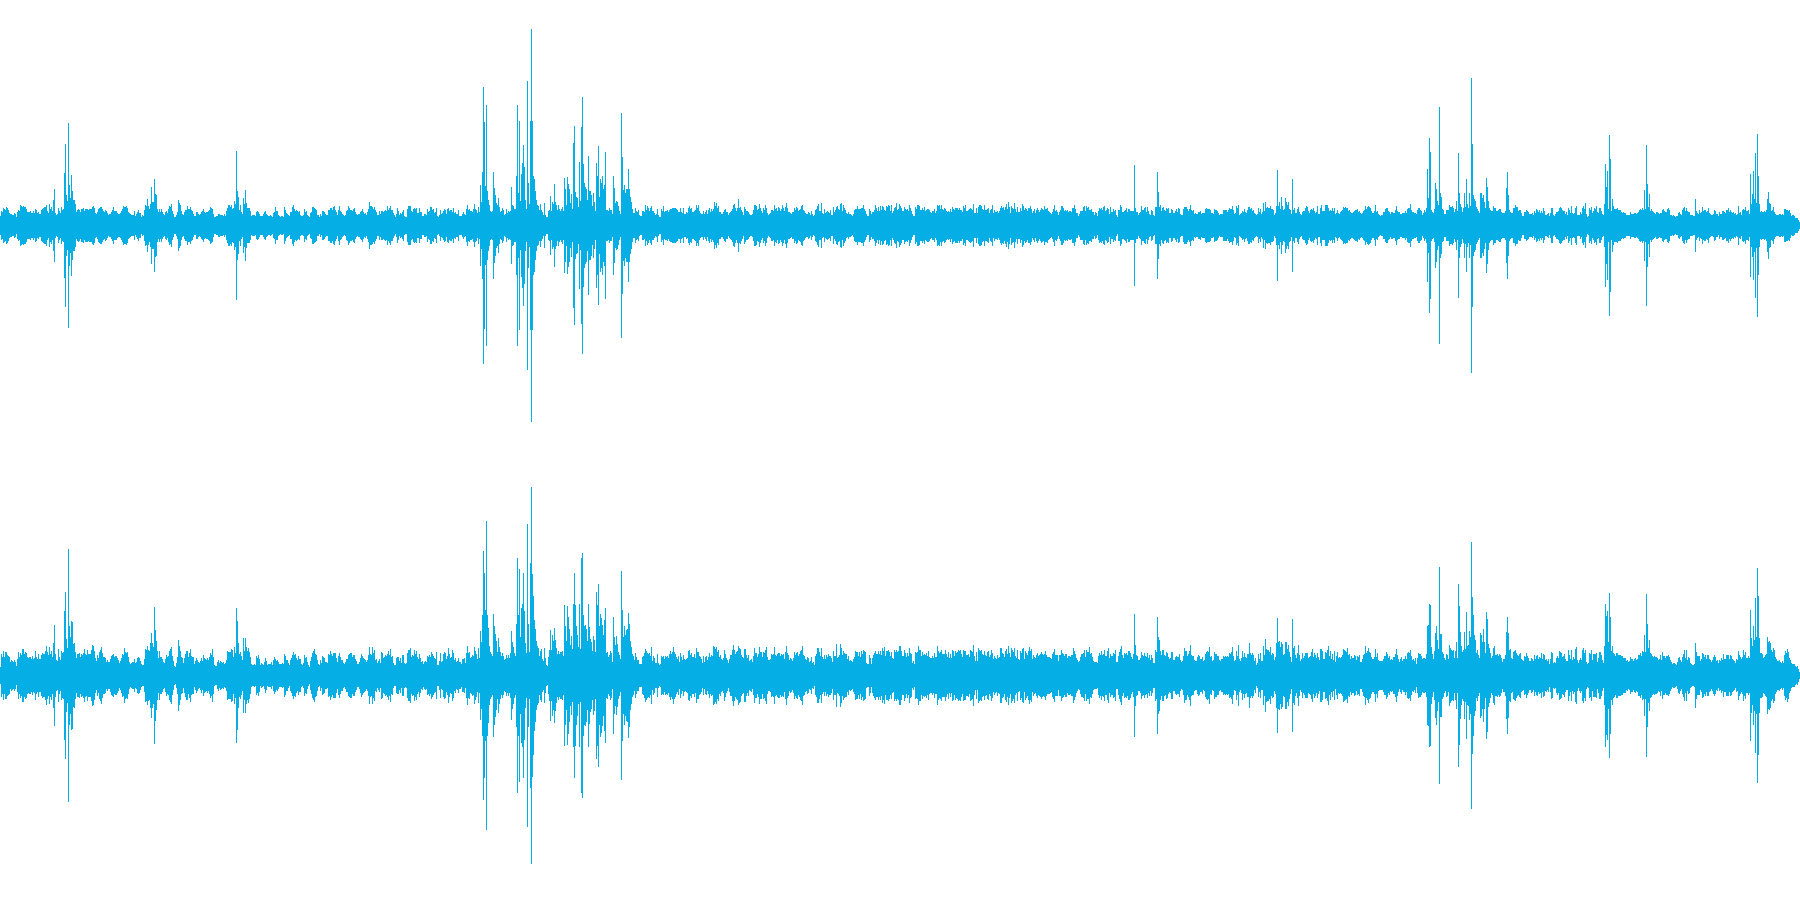 夏の深夜の風鈴と蛙と鳥と虫の音 02の再生済みの波形